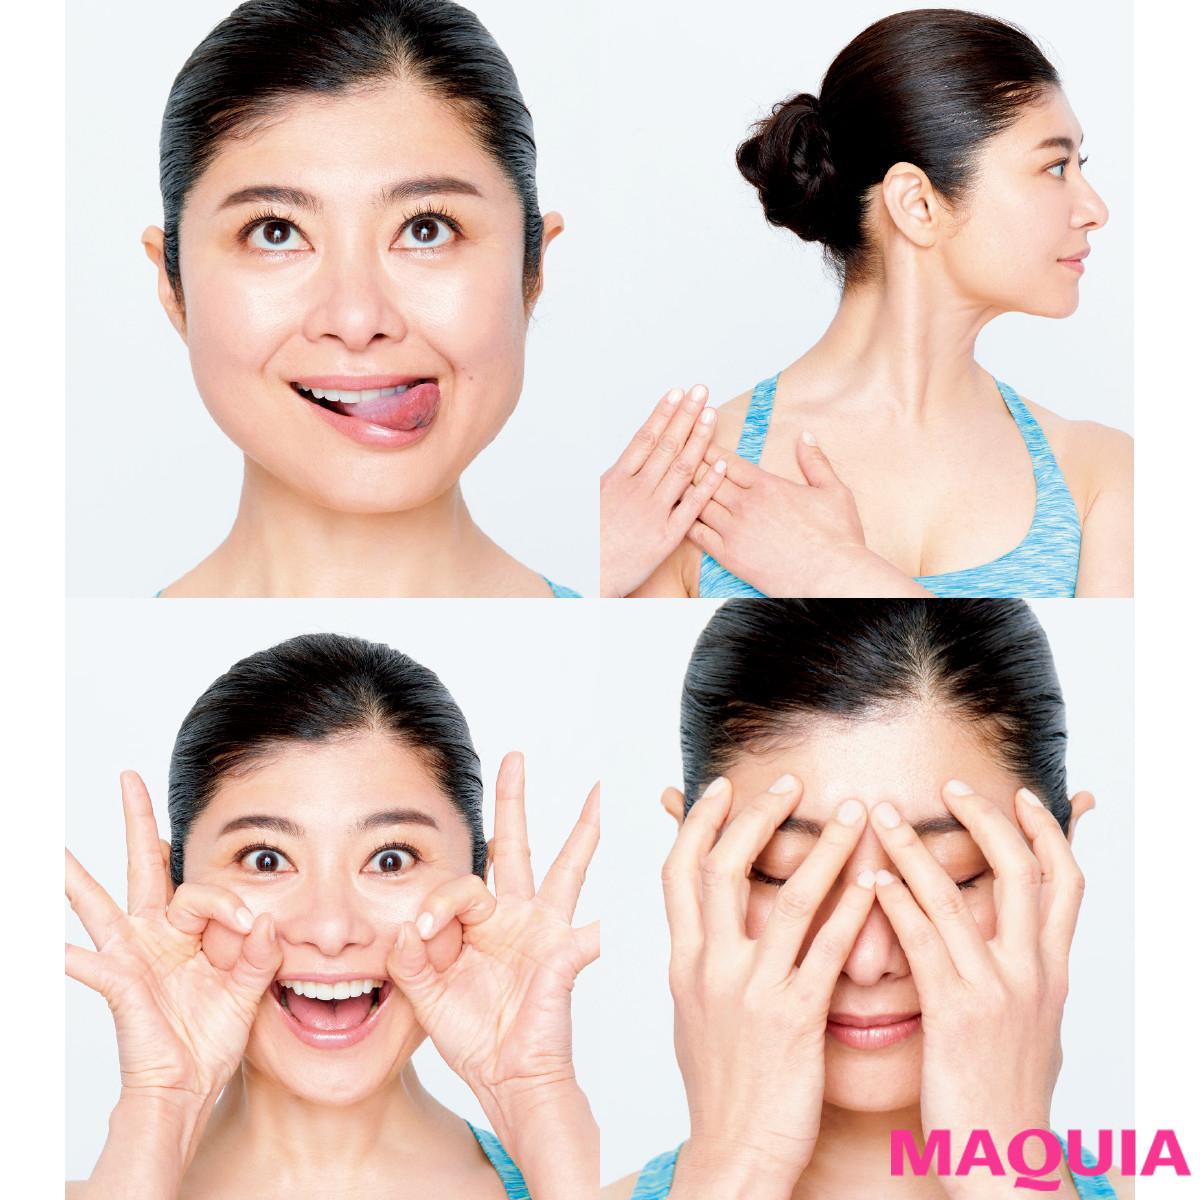 あご・頬スッキリ&目力UP! 間々田佳子さんの最新顔ヨガをレクチャー